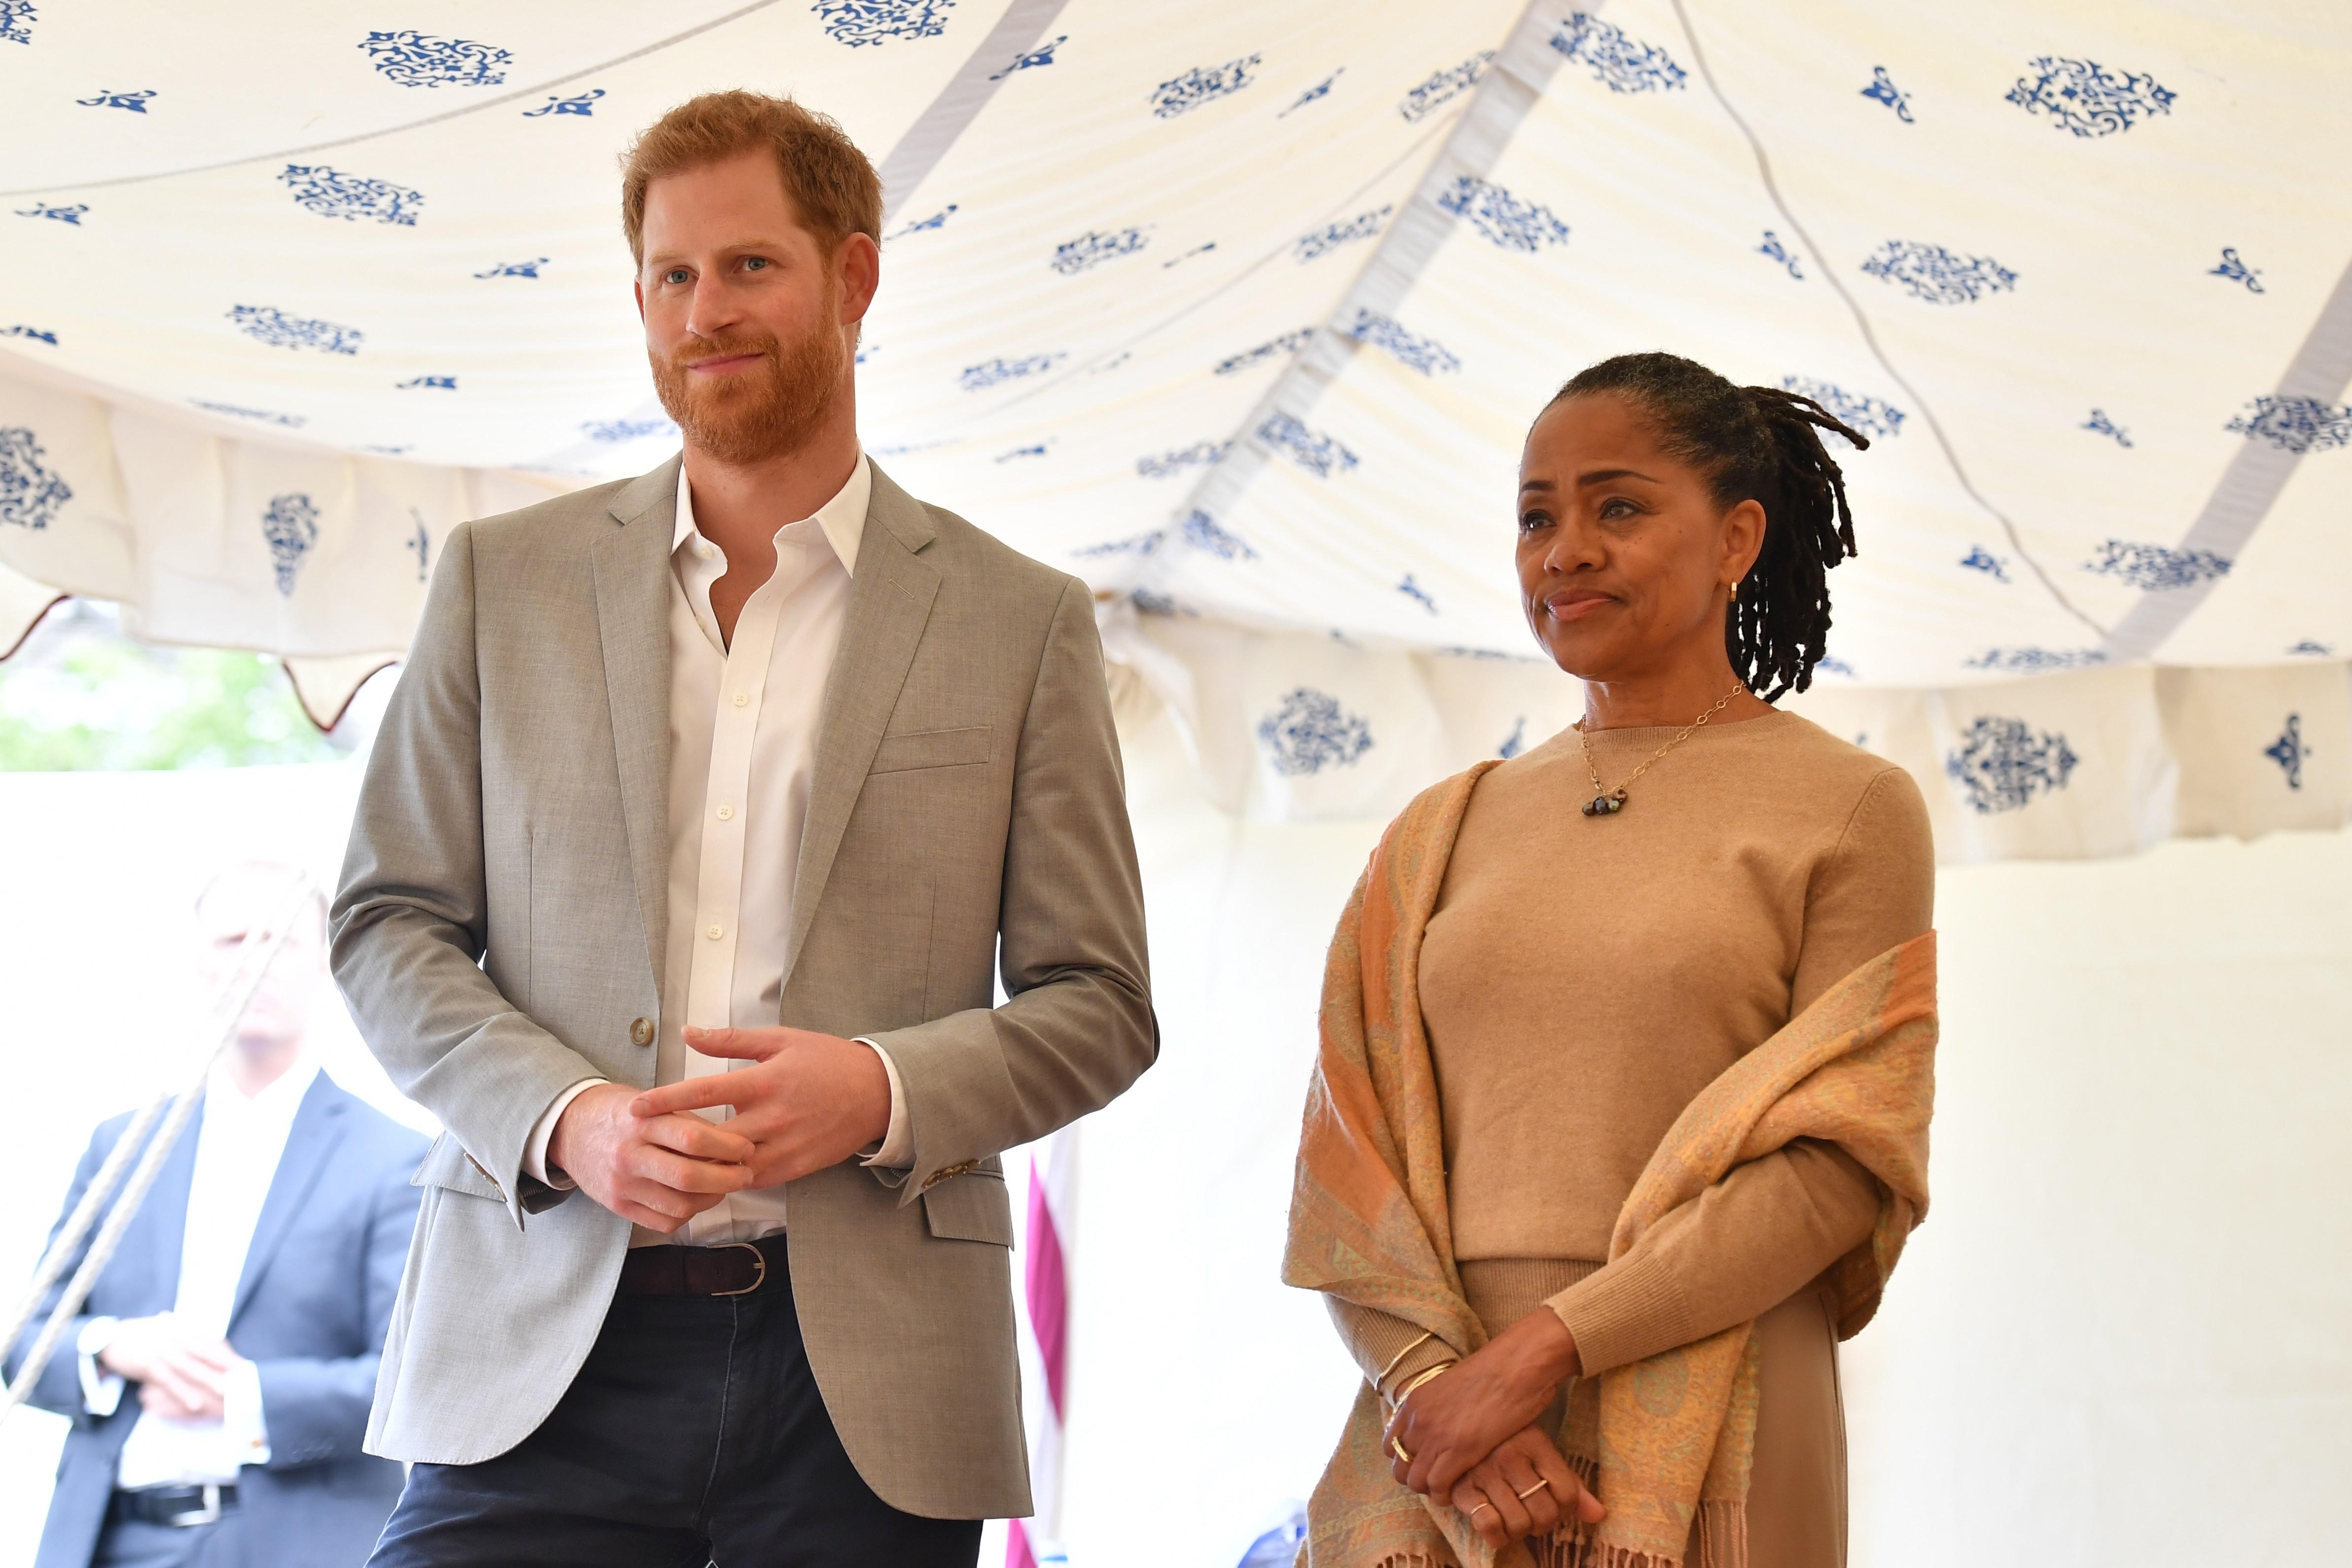 O Príncipe Harry ao lado de Doria Ragland, mãe da atriz e duquesa Meghan Markle (Foto: Getty Images)